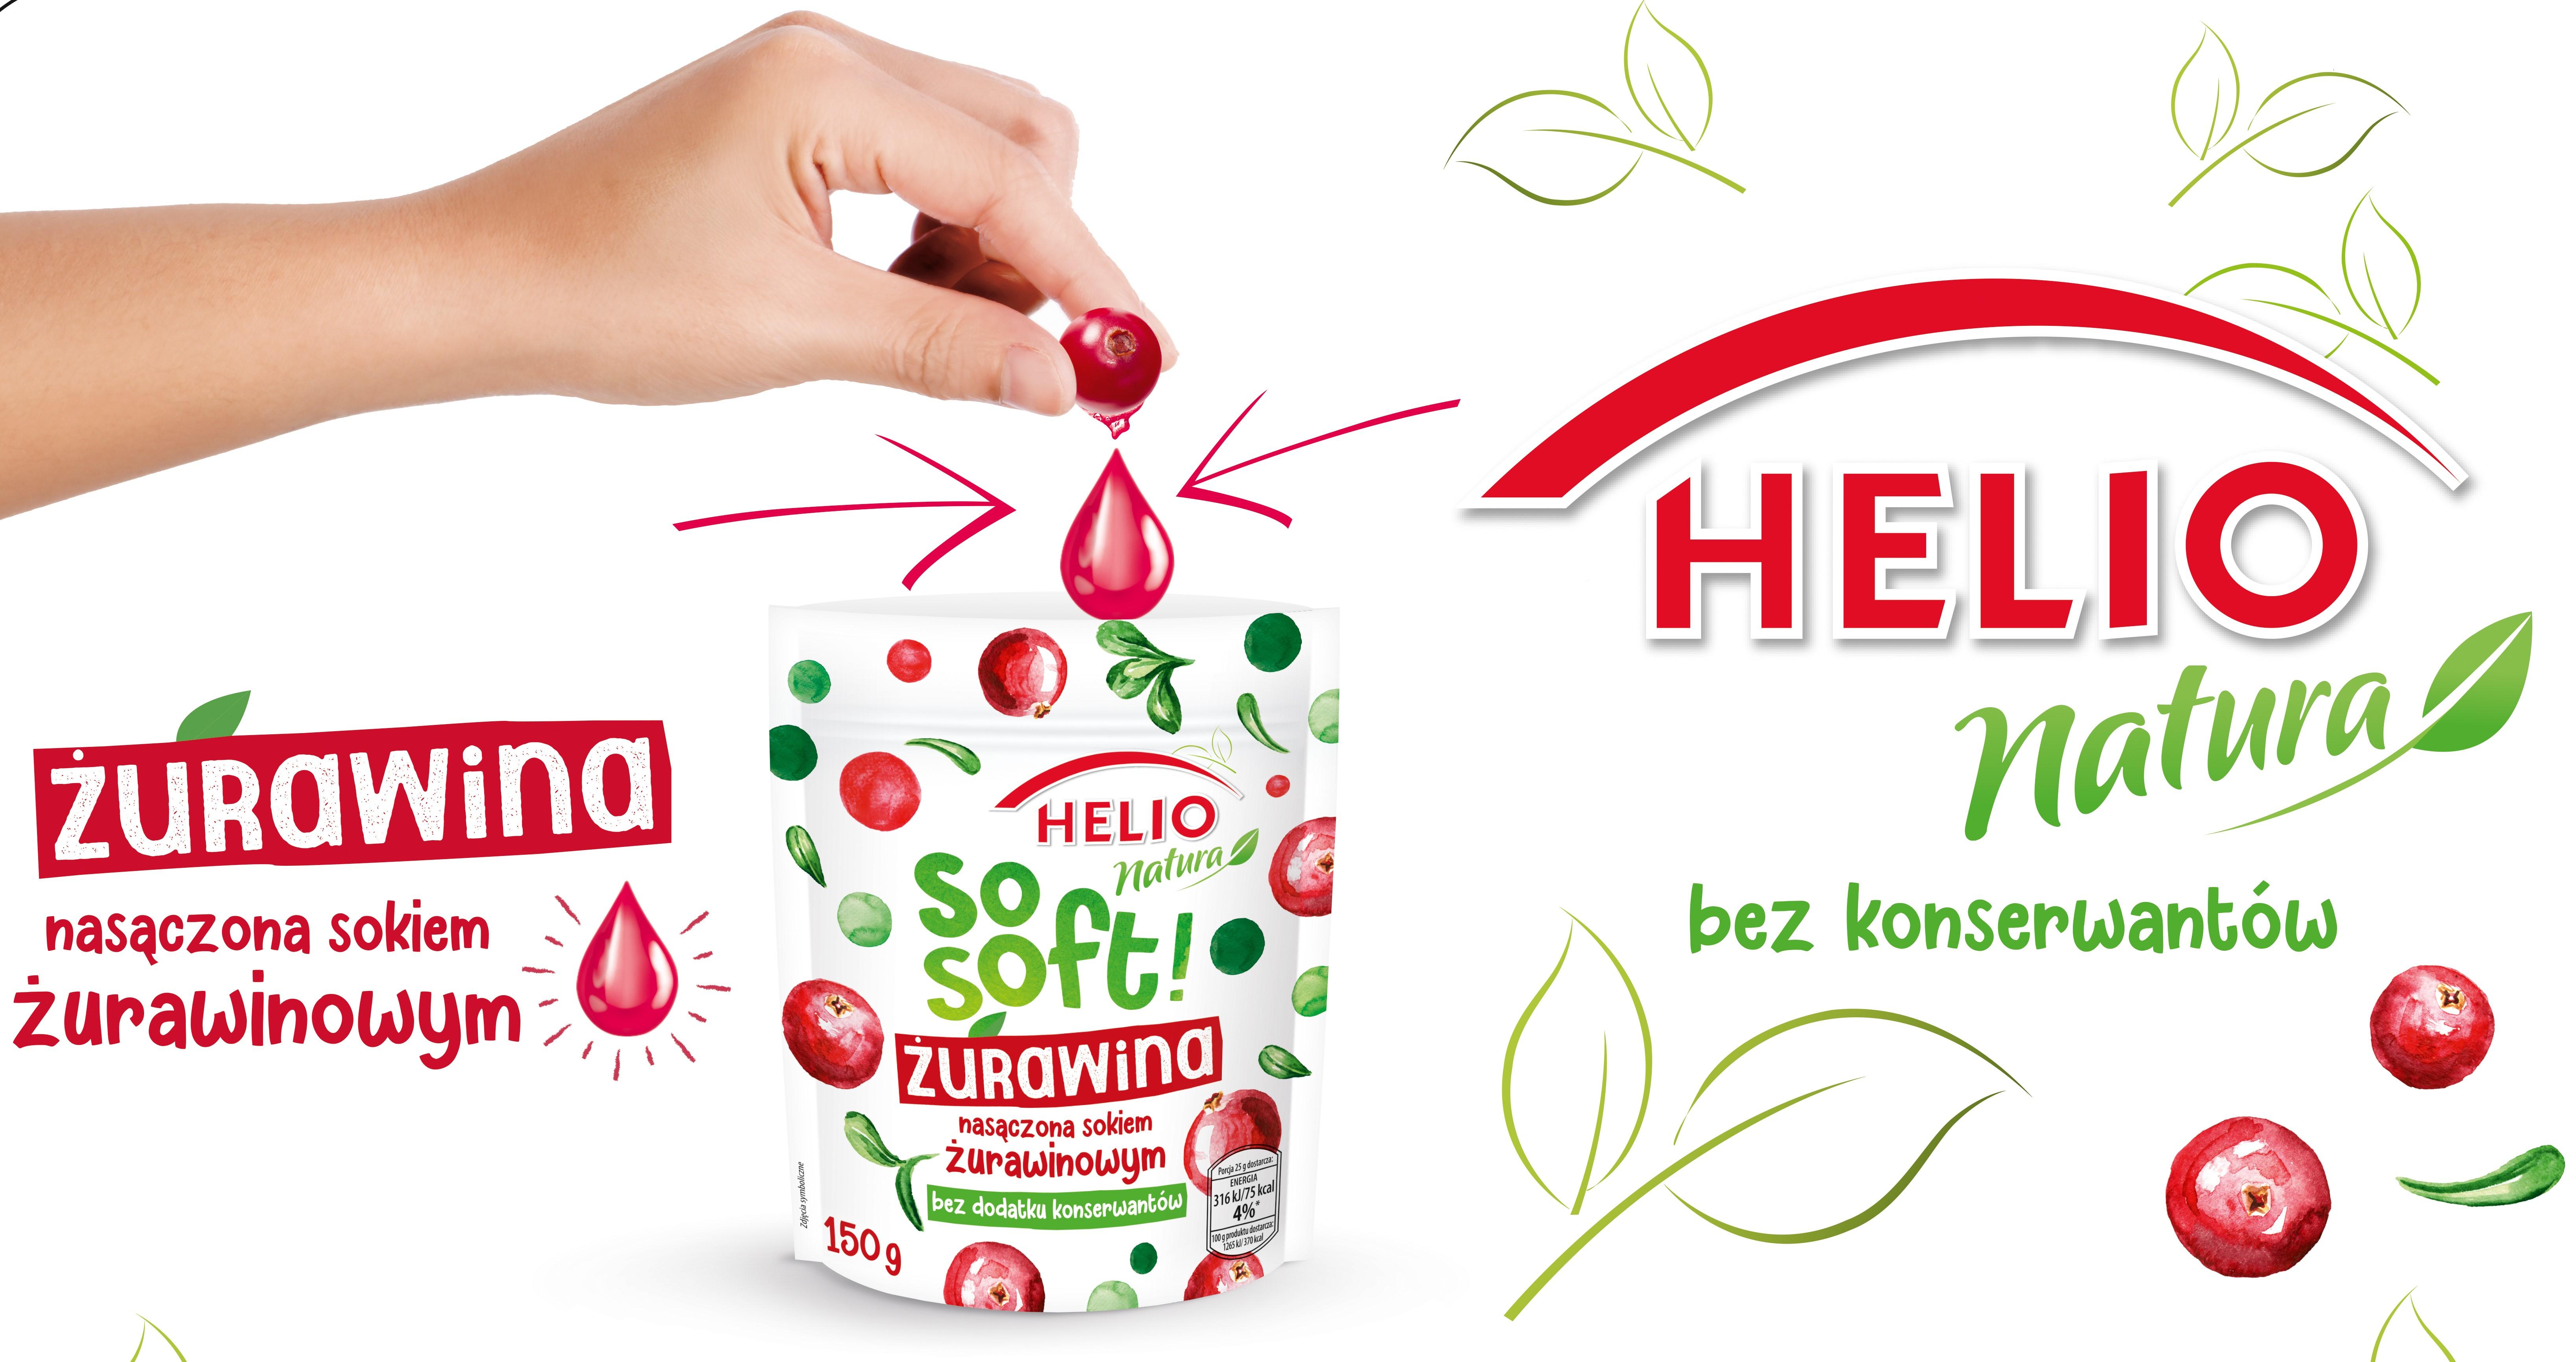 Kampania Helio zwiększająca wiosenną sprzedaż bakalii i mas do ciast polskiego producenta